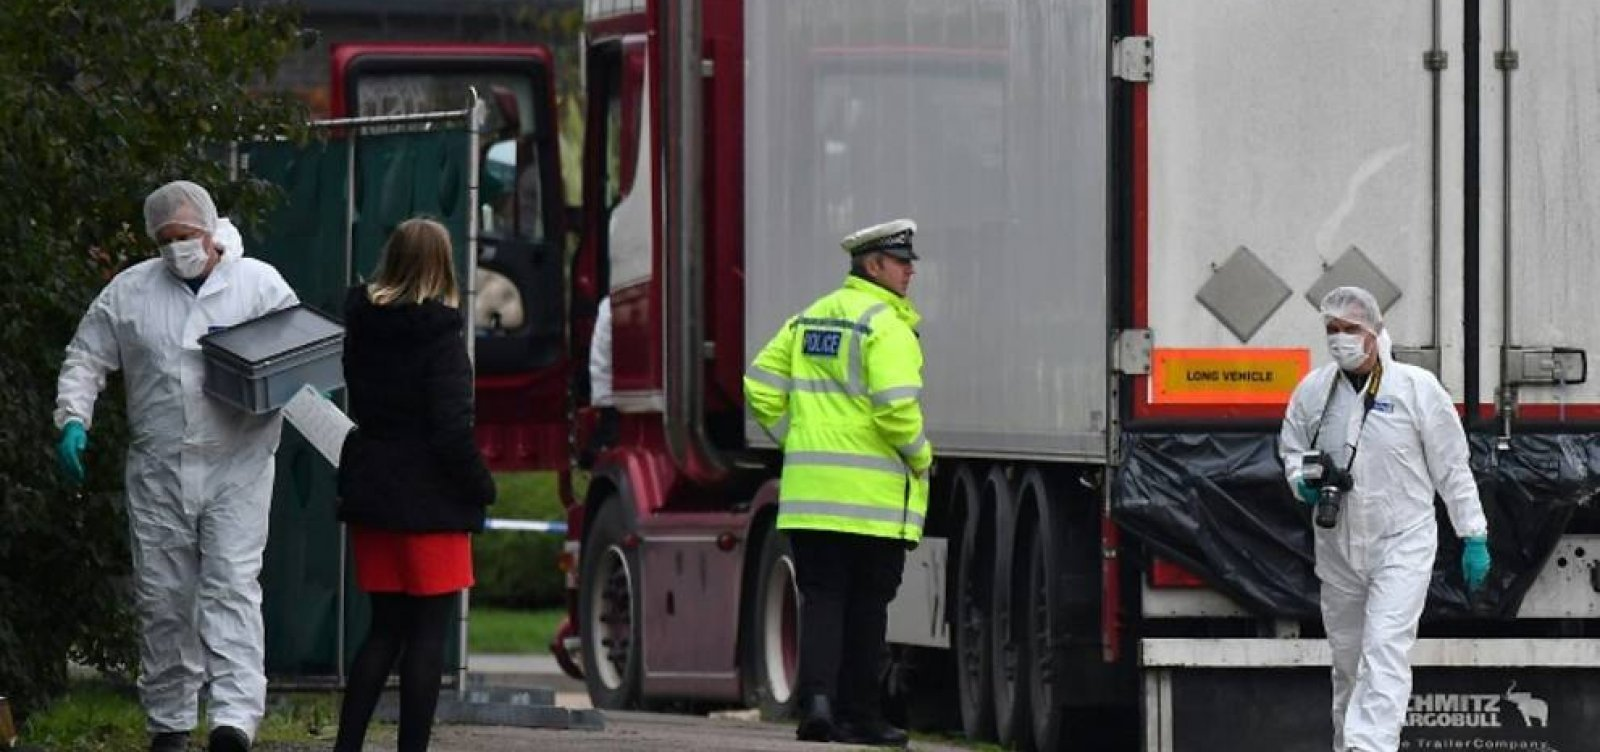 Polícia britânica diz que corpos encontrados em caminhão são de vietnamitas